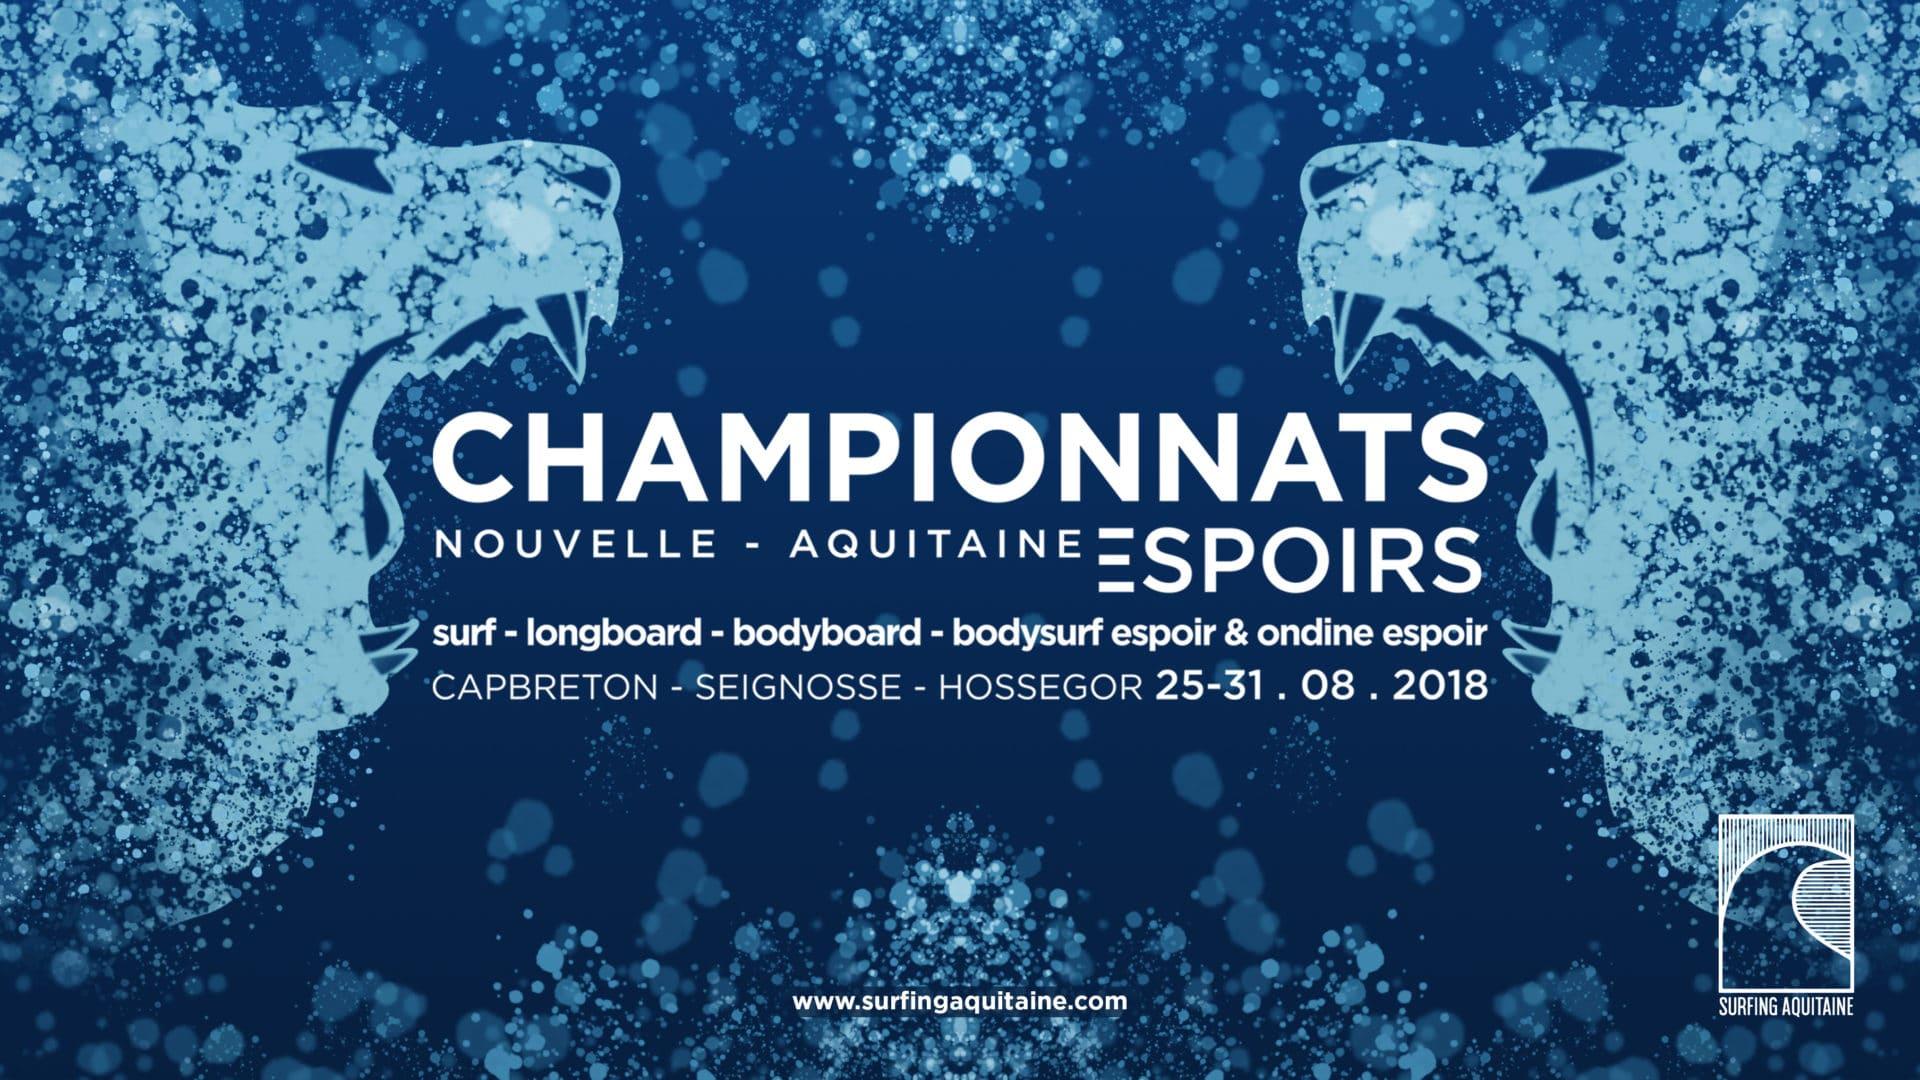 championnats surf nouvelle aquitaine espoirs 2018